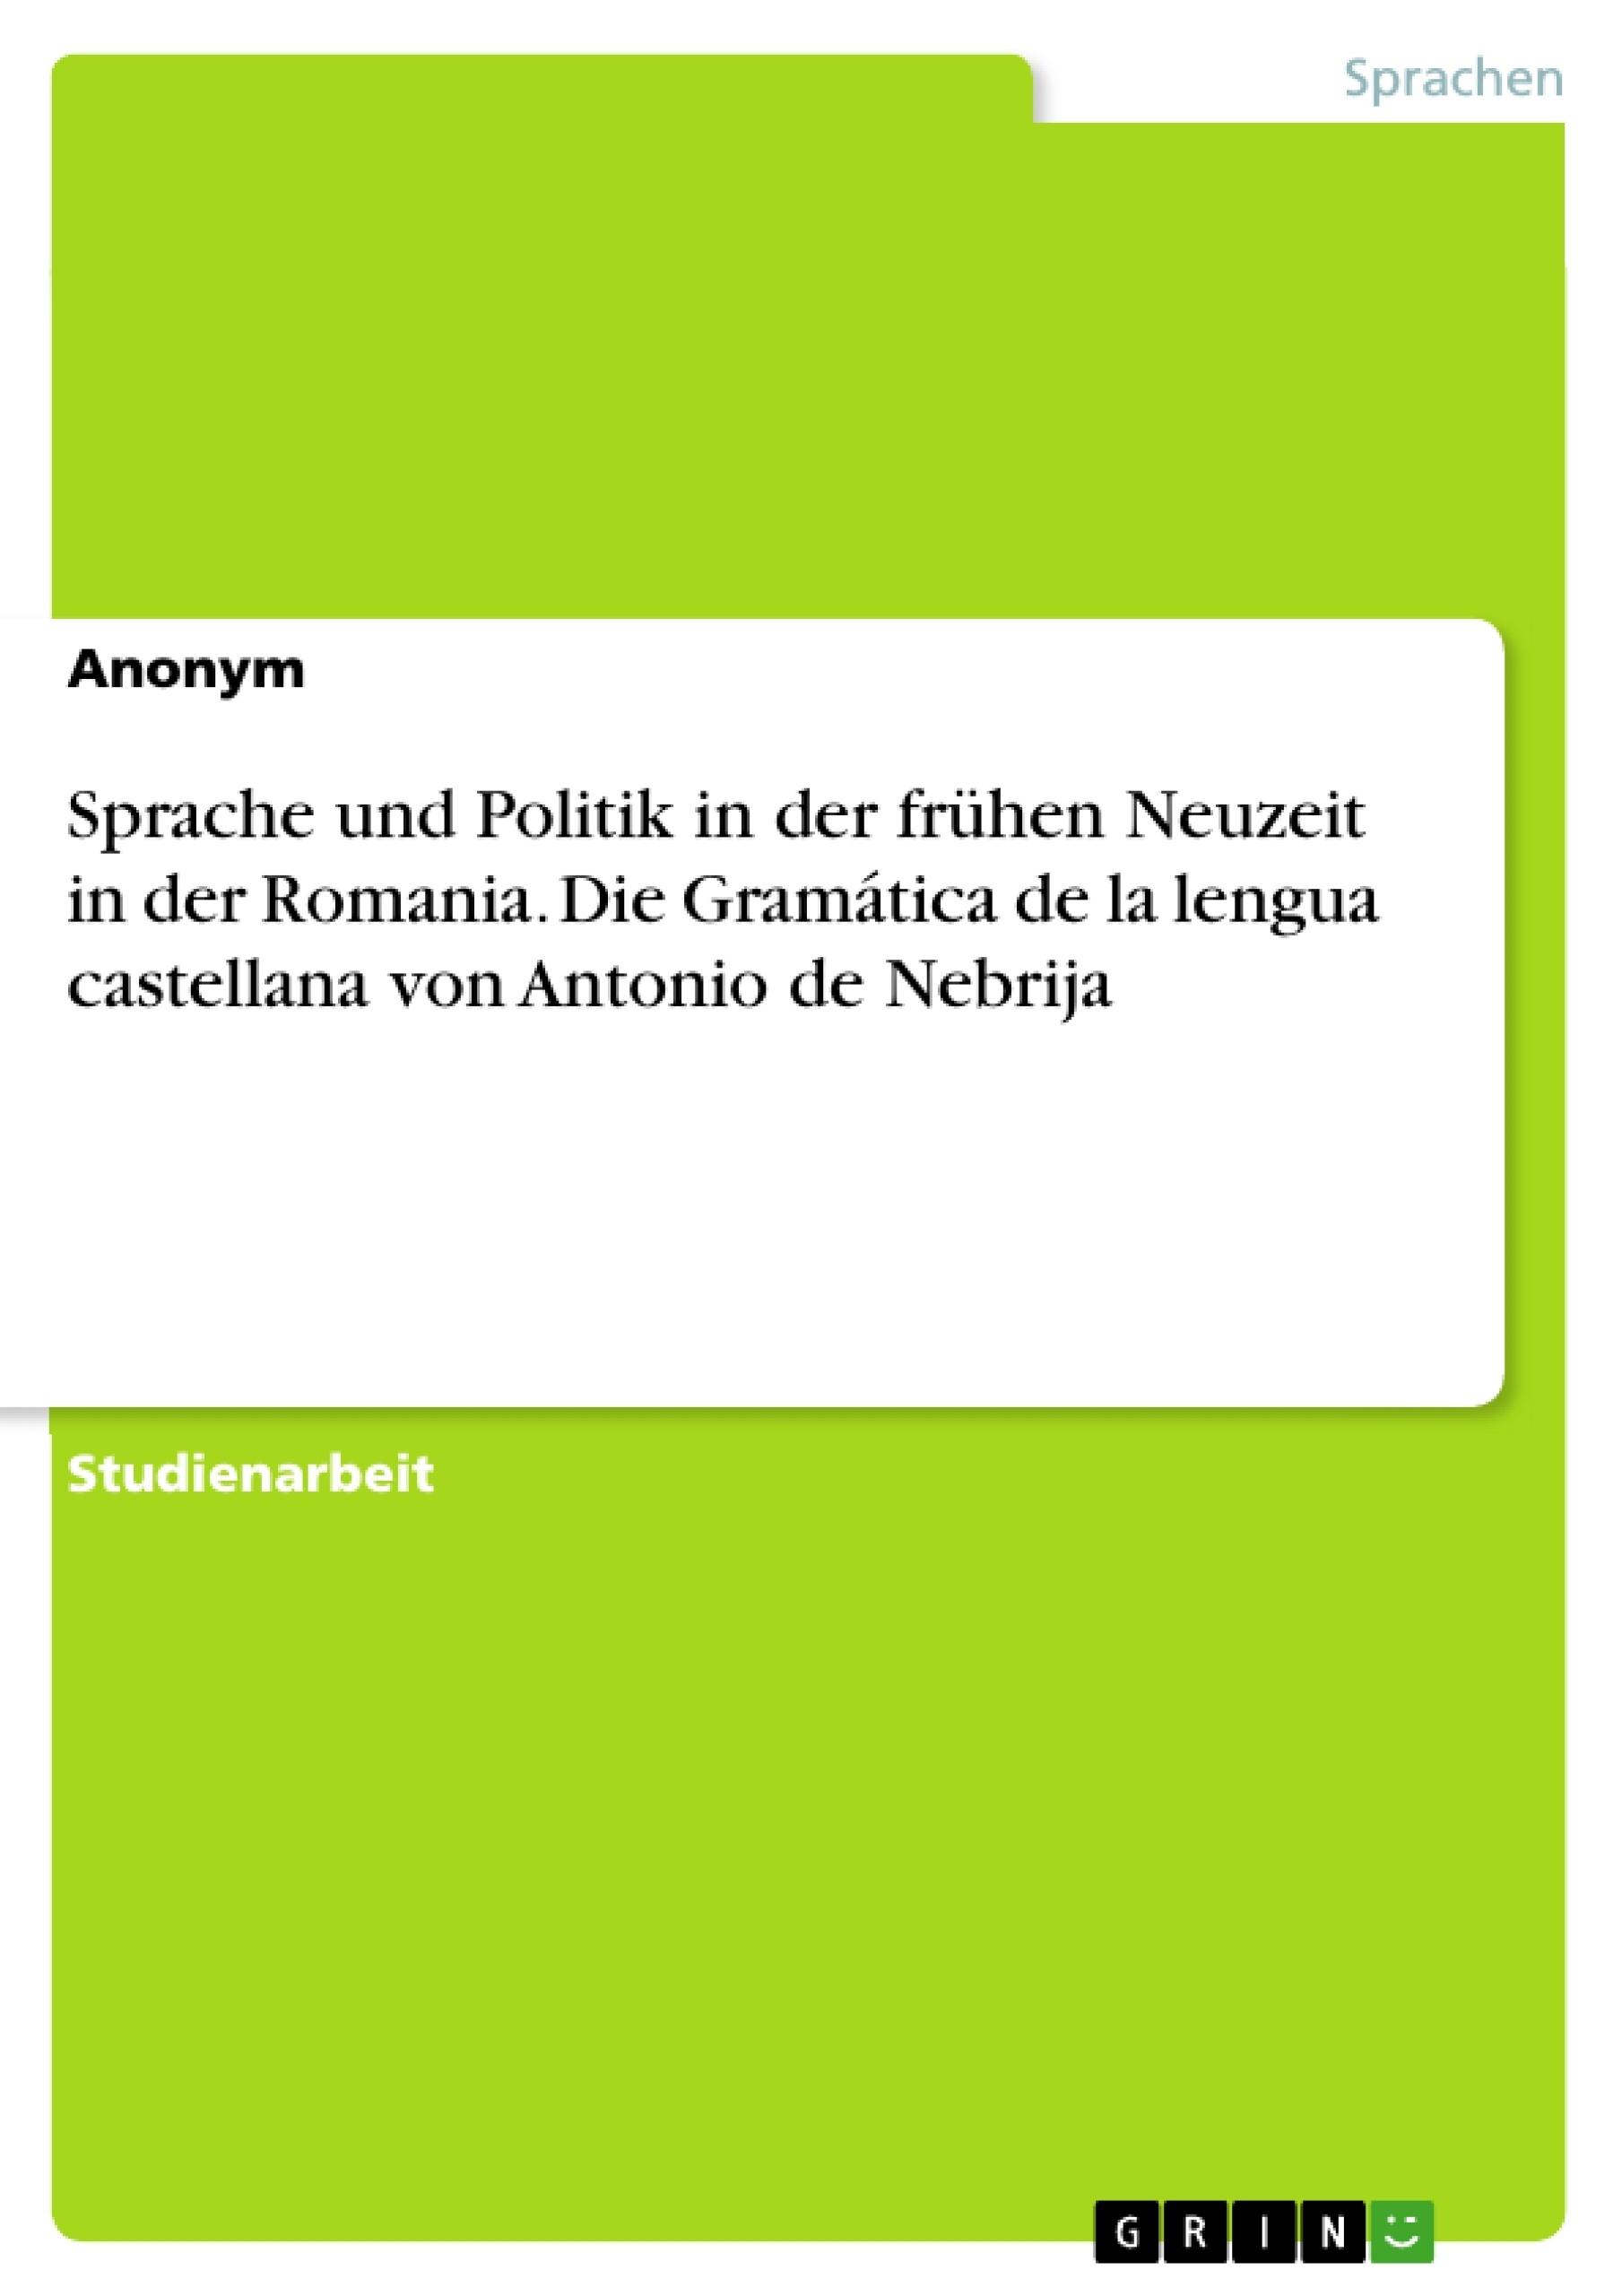 Titel: Sprache und Politik in der frühen Neuzeit in der Romania. Die Gramática de la lengua castellana von Antonio de Nebrija